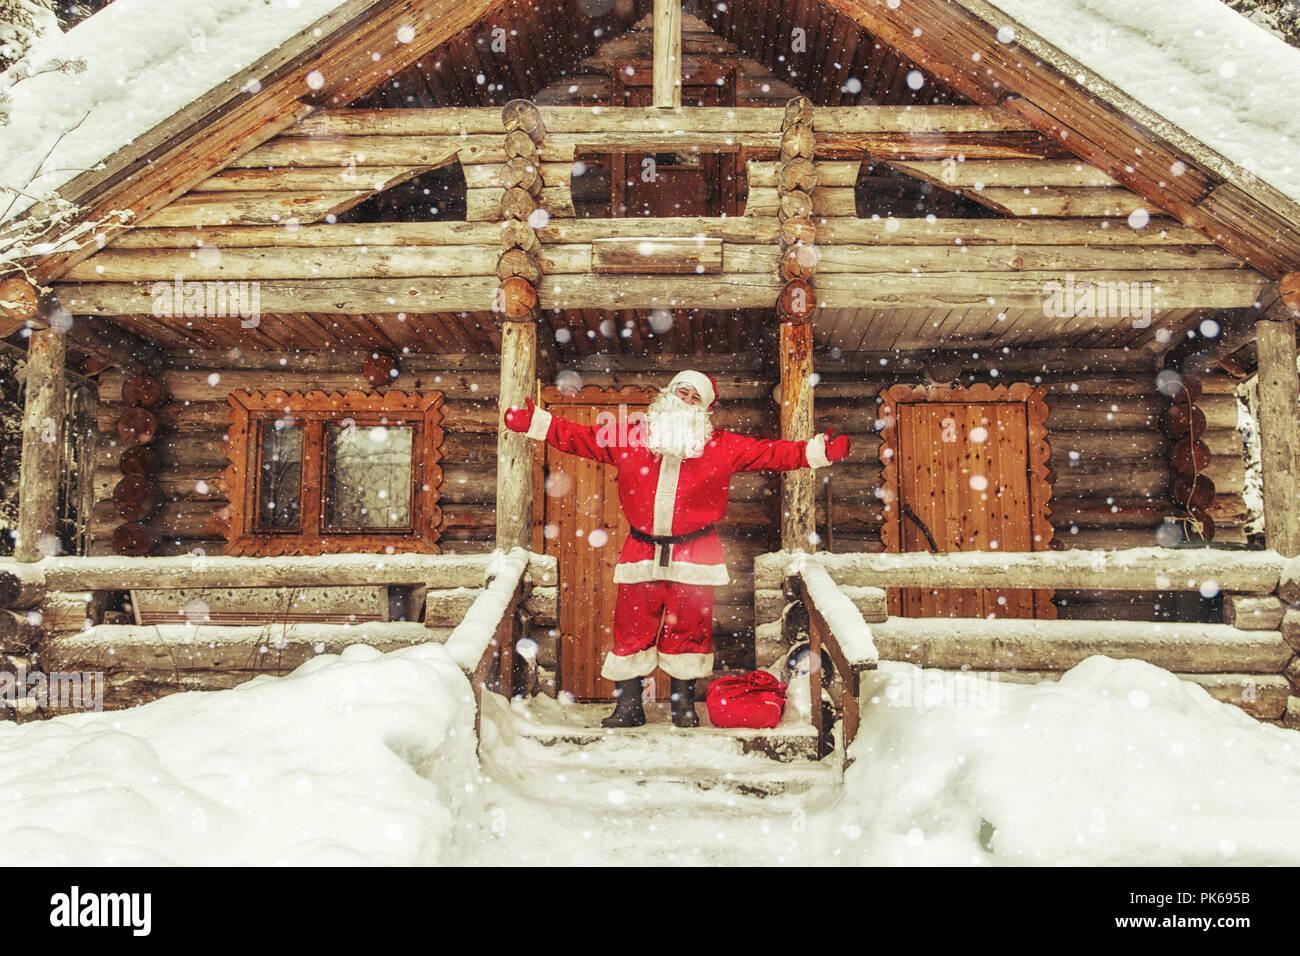 Casa Di Babbo Natale Al Polo Nord.Gioiosa Santa Claus In Casa Sua La Casa Di Babbo Natale Al